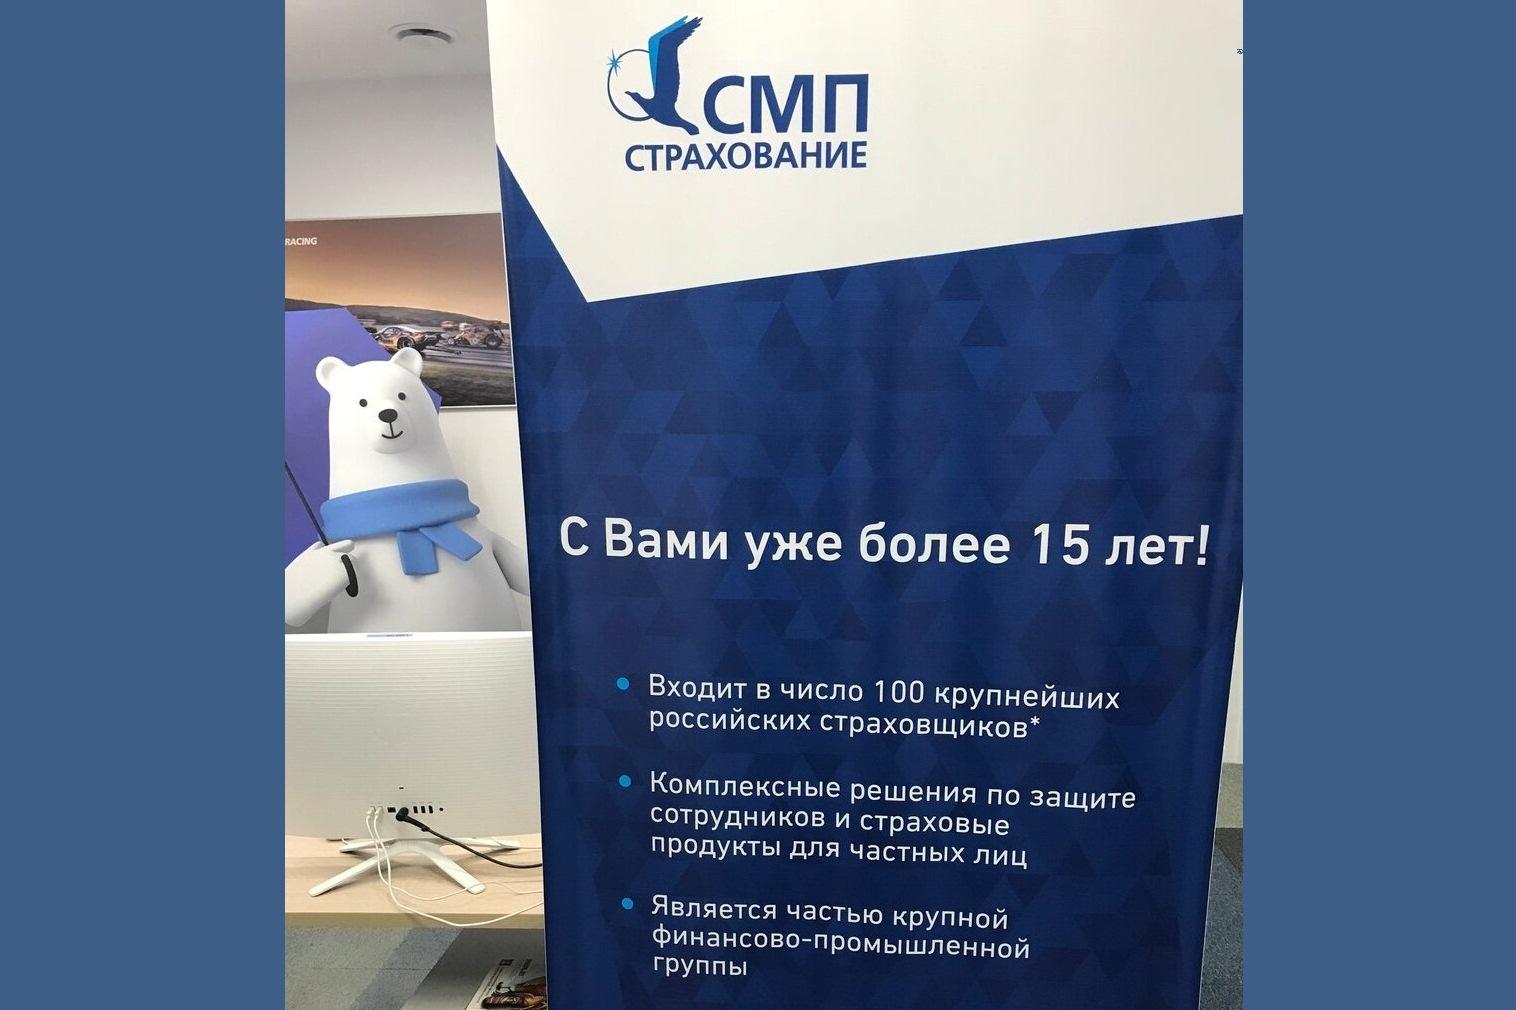 описание компании «СМП-Страхование»